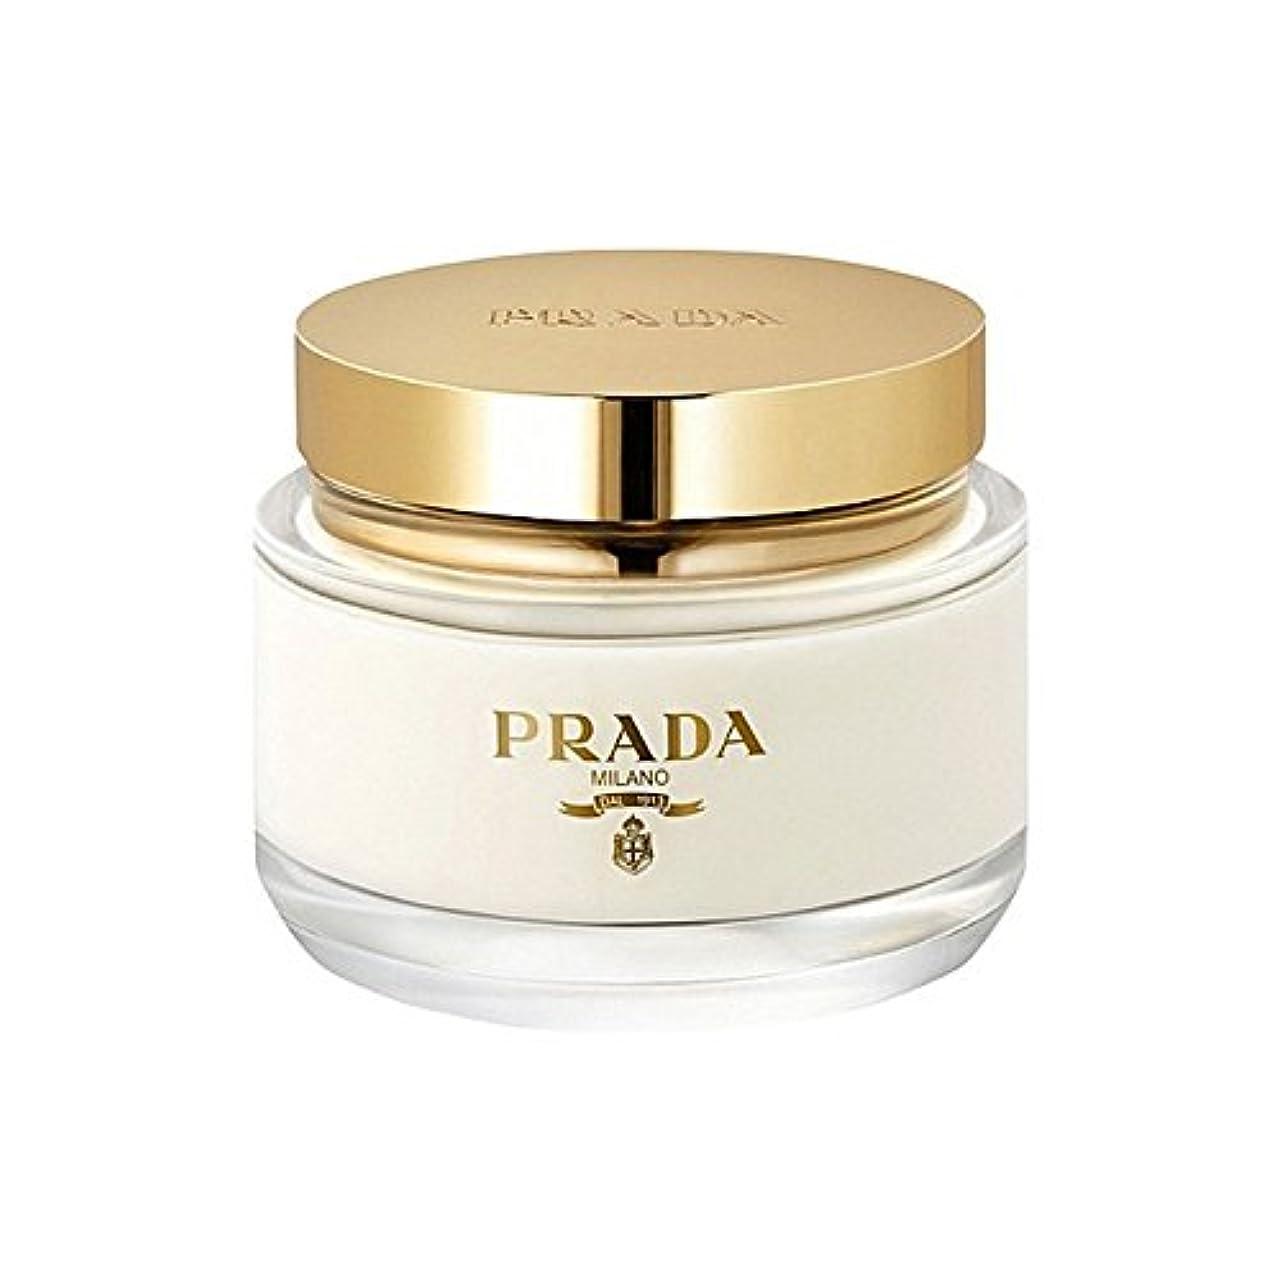 ネックレス明らかに大きさプラダラファムボディクリーム200ミリリットル x4 - Prada La Femme Body Cream 200ml (Pack of 4) [並行輸入品]